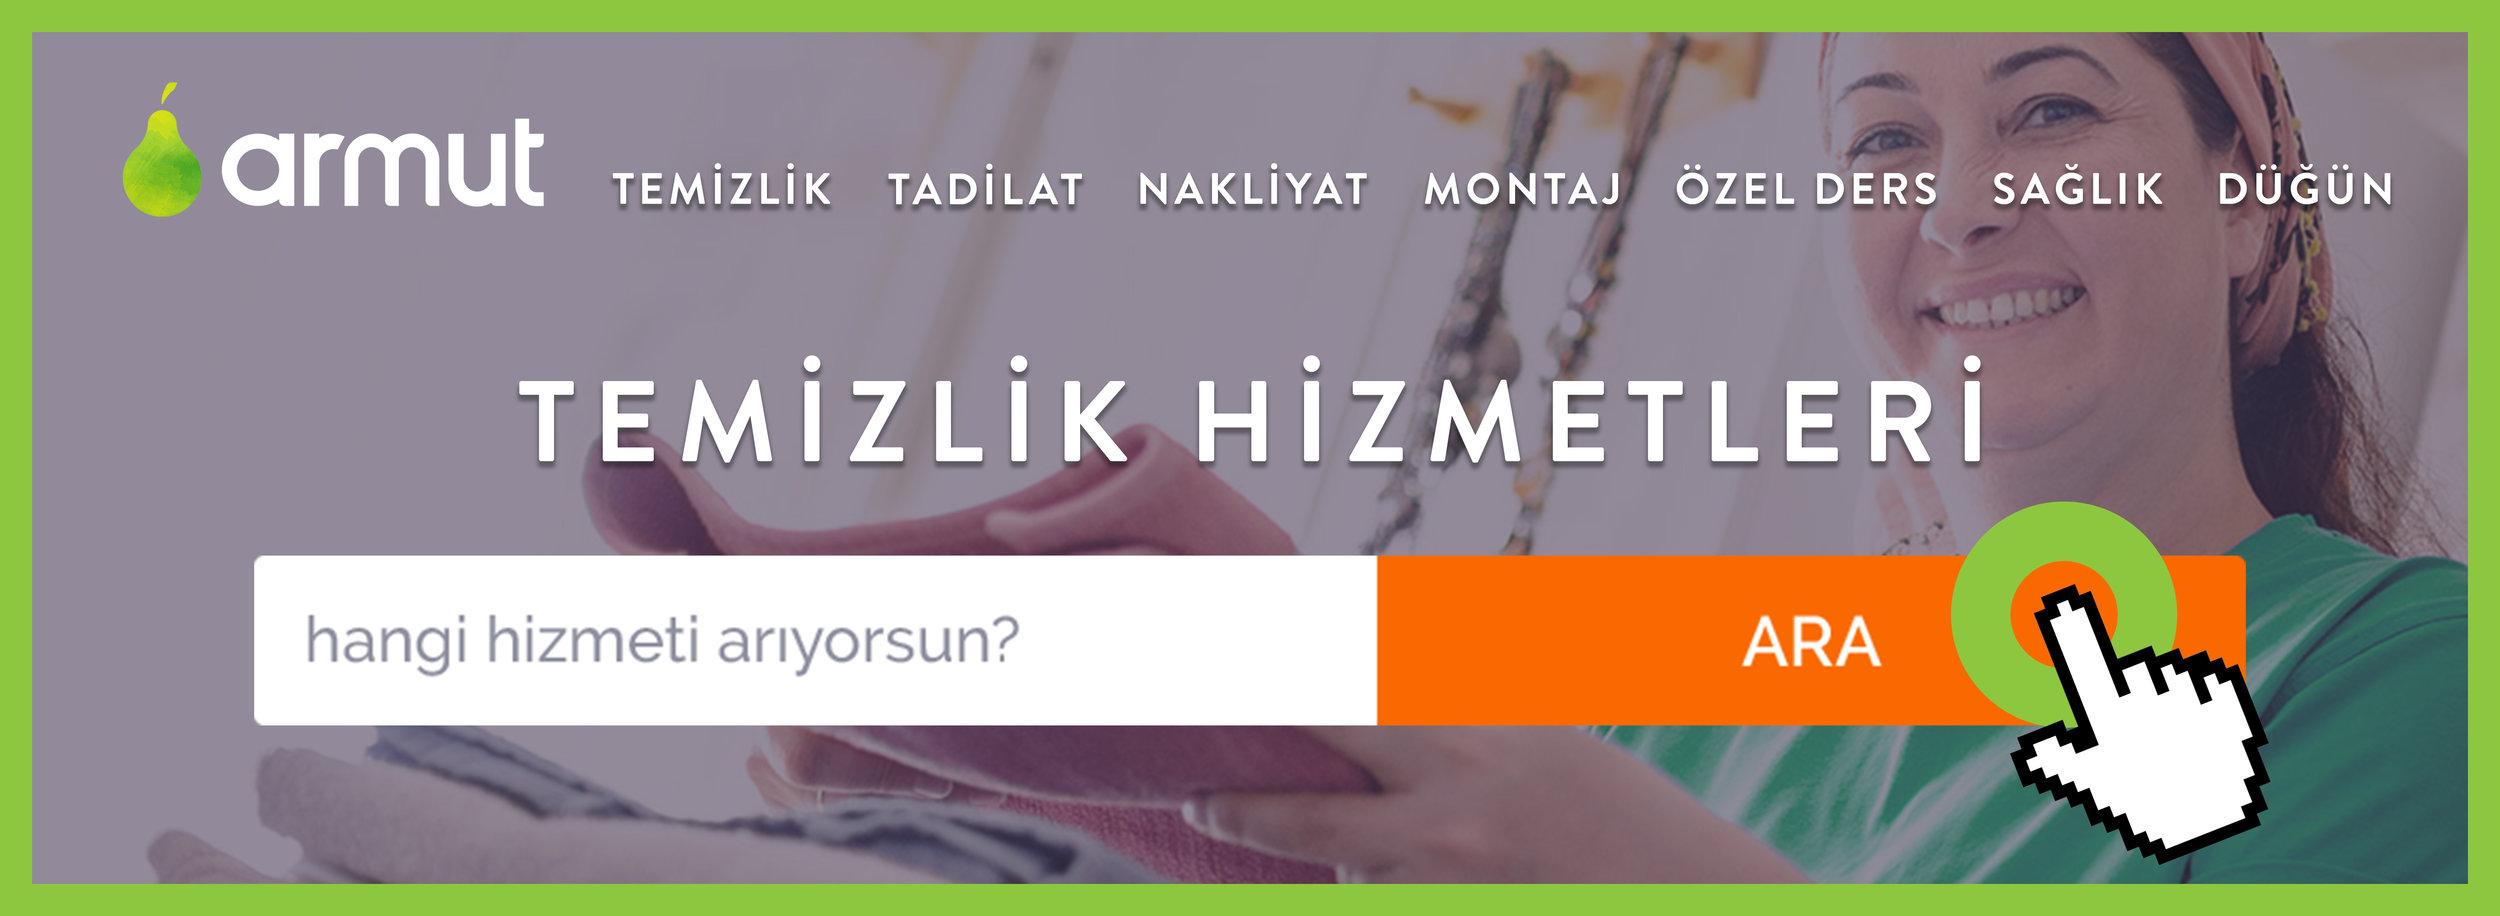 armut.com-temizlik